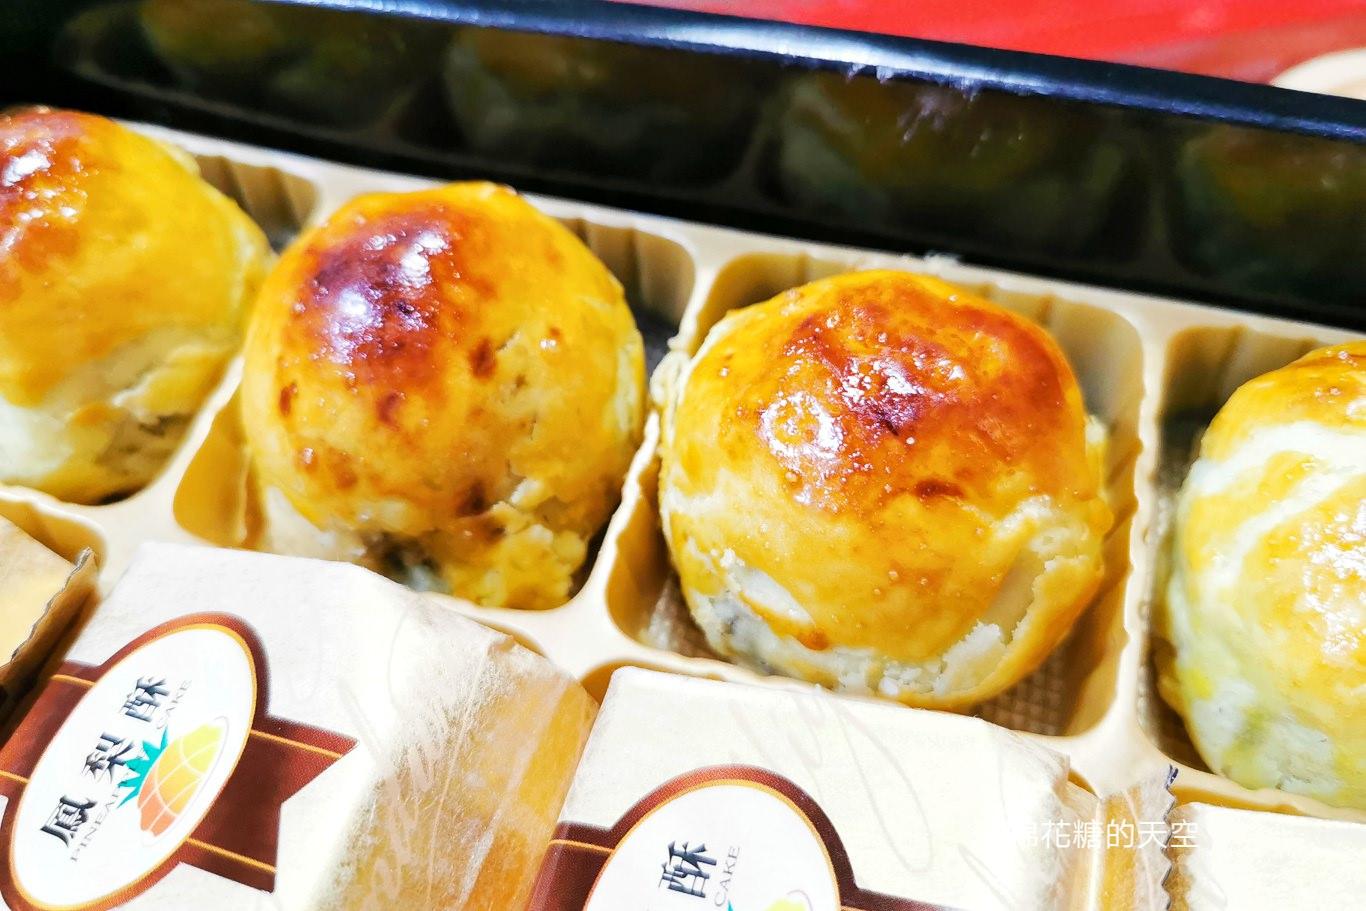 台中蛋黃酥推薦|香格禮坊晚來買不到!完整禮盒菜單看這邊